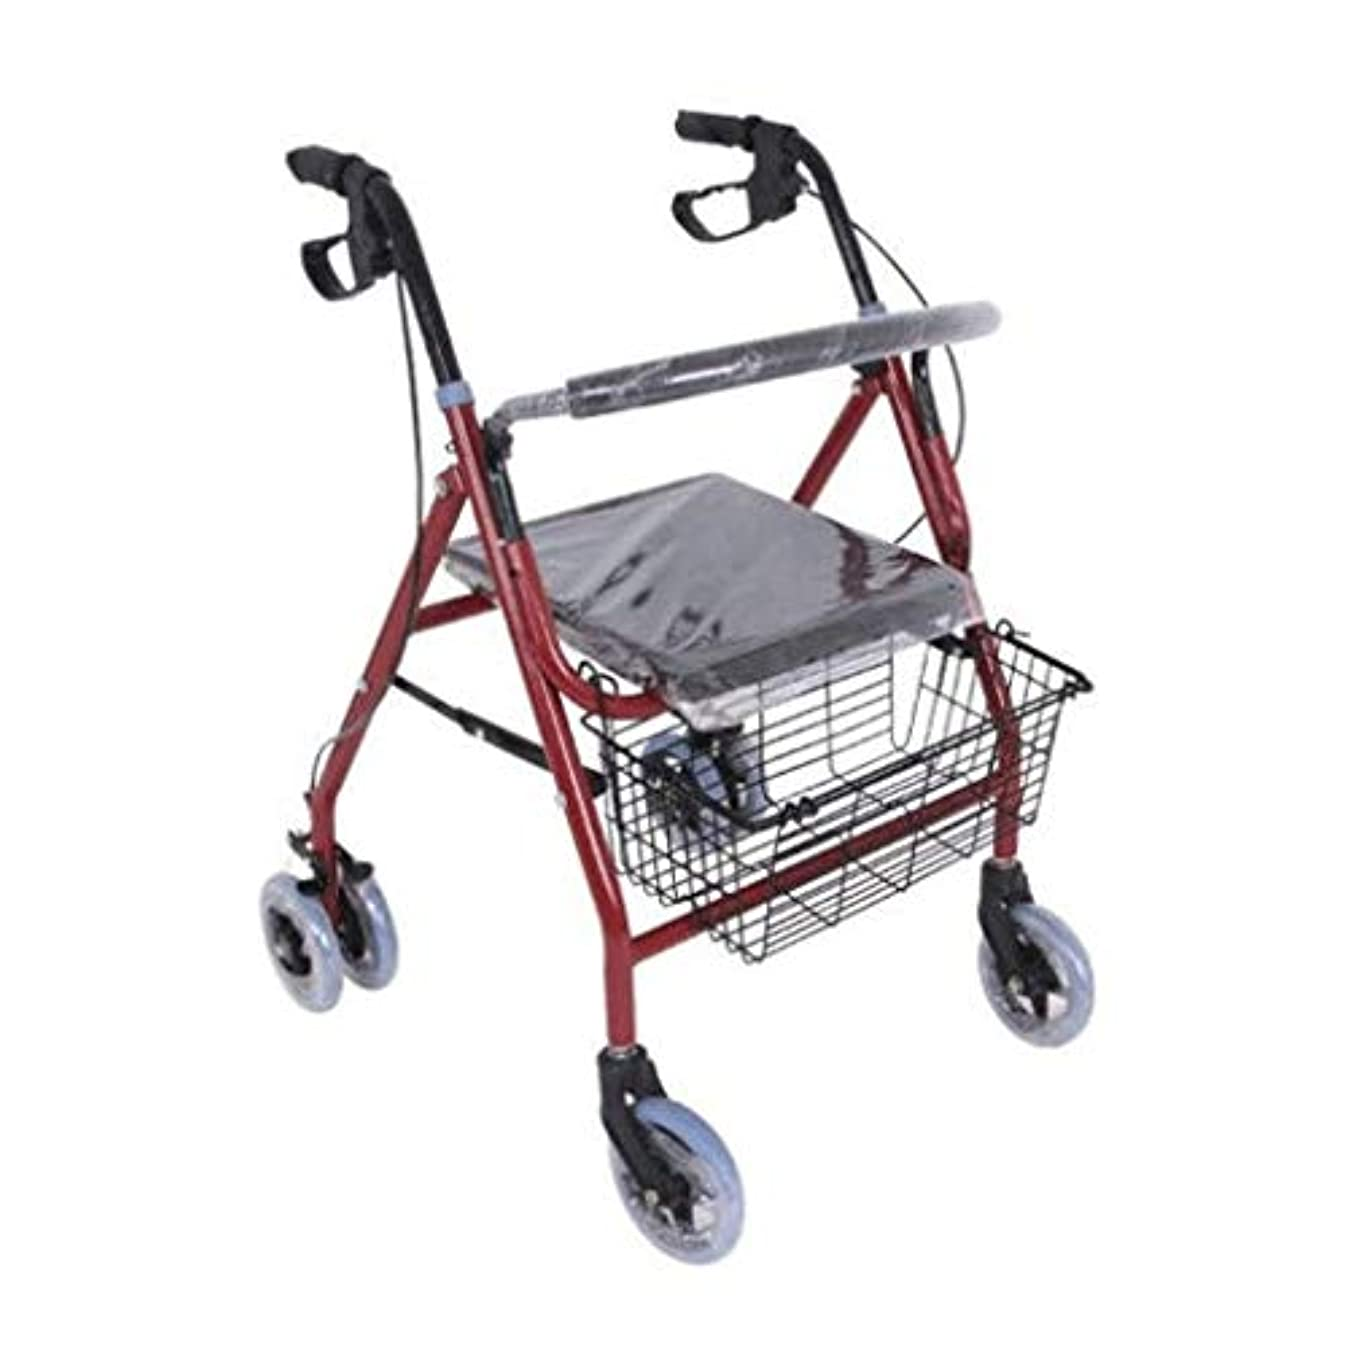 マリナー文化ふさわしい高齢者手押しショッピングカート、アルミウォーカー、滑り止めウォーカー4本足杖屋外バスルーム使用不可